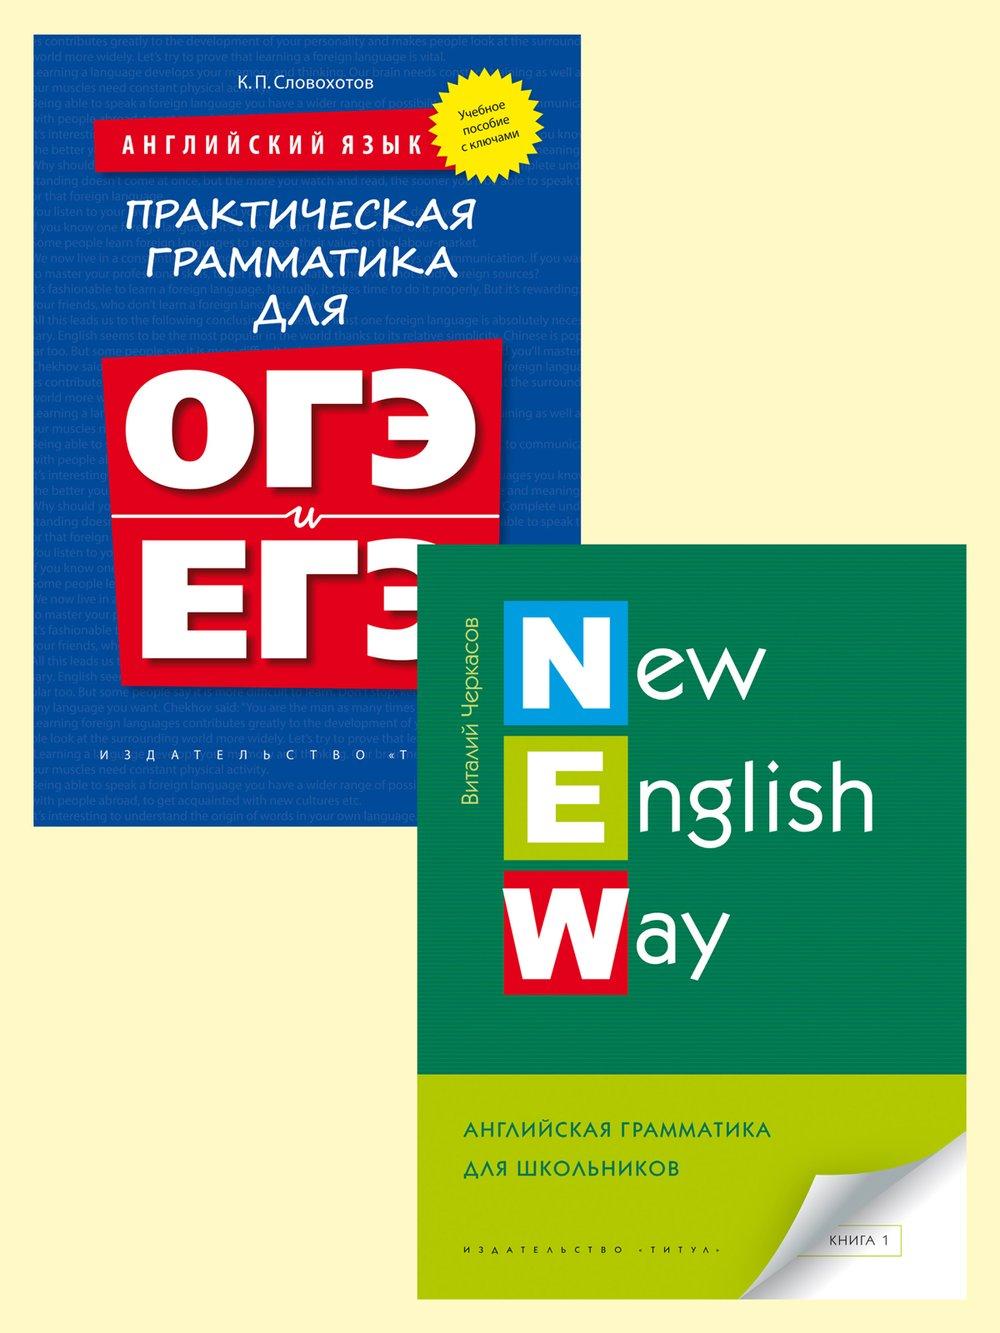 Комплект. Грамматика для школьников с ключами. Английский язык ( 2 книги)